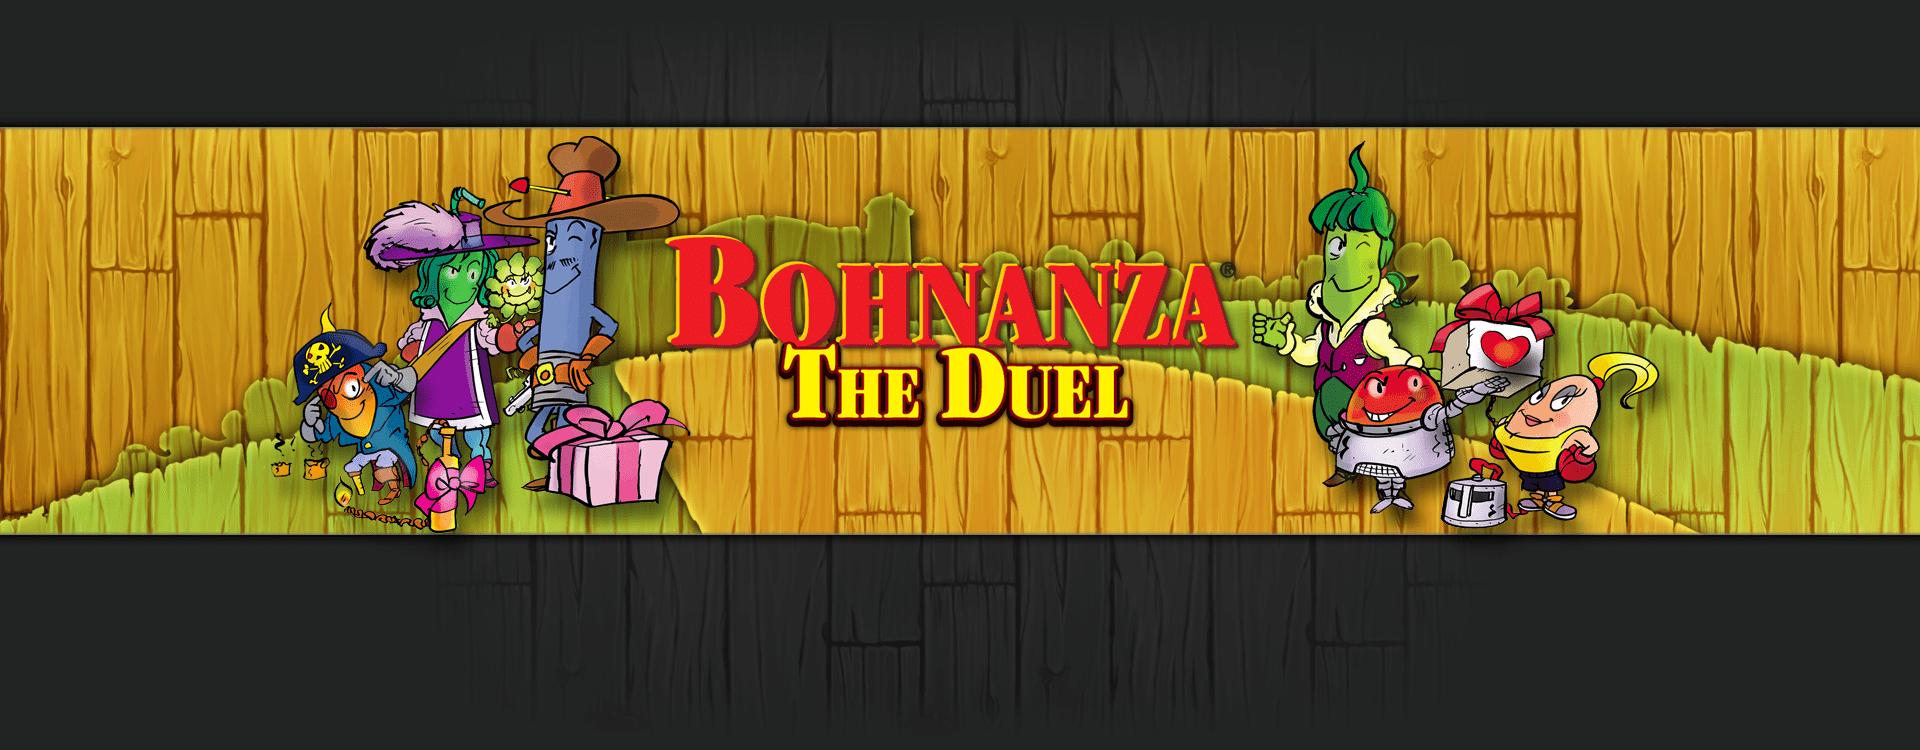 Bohnanza The Duel header image